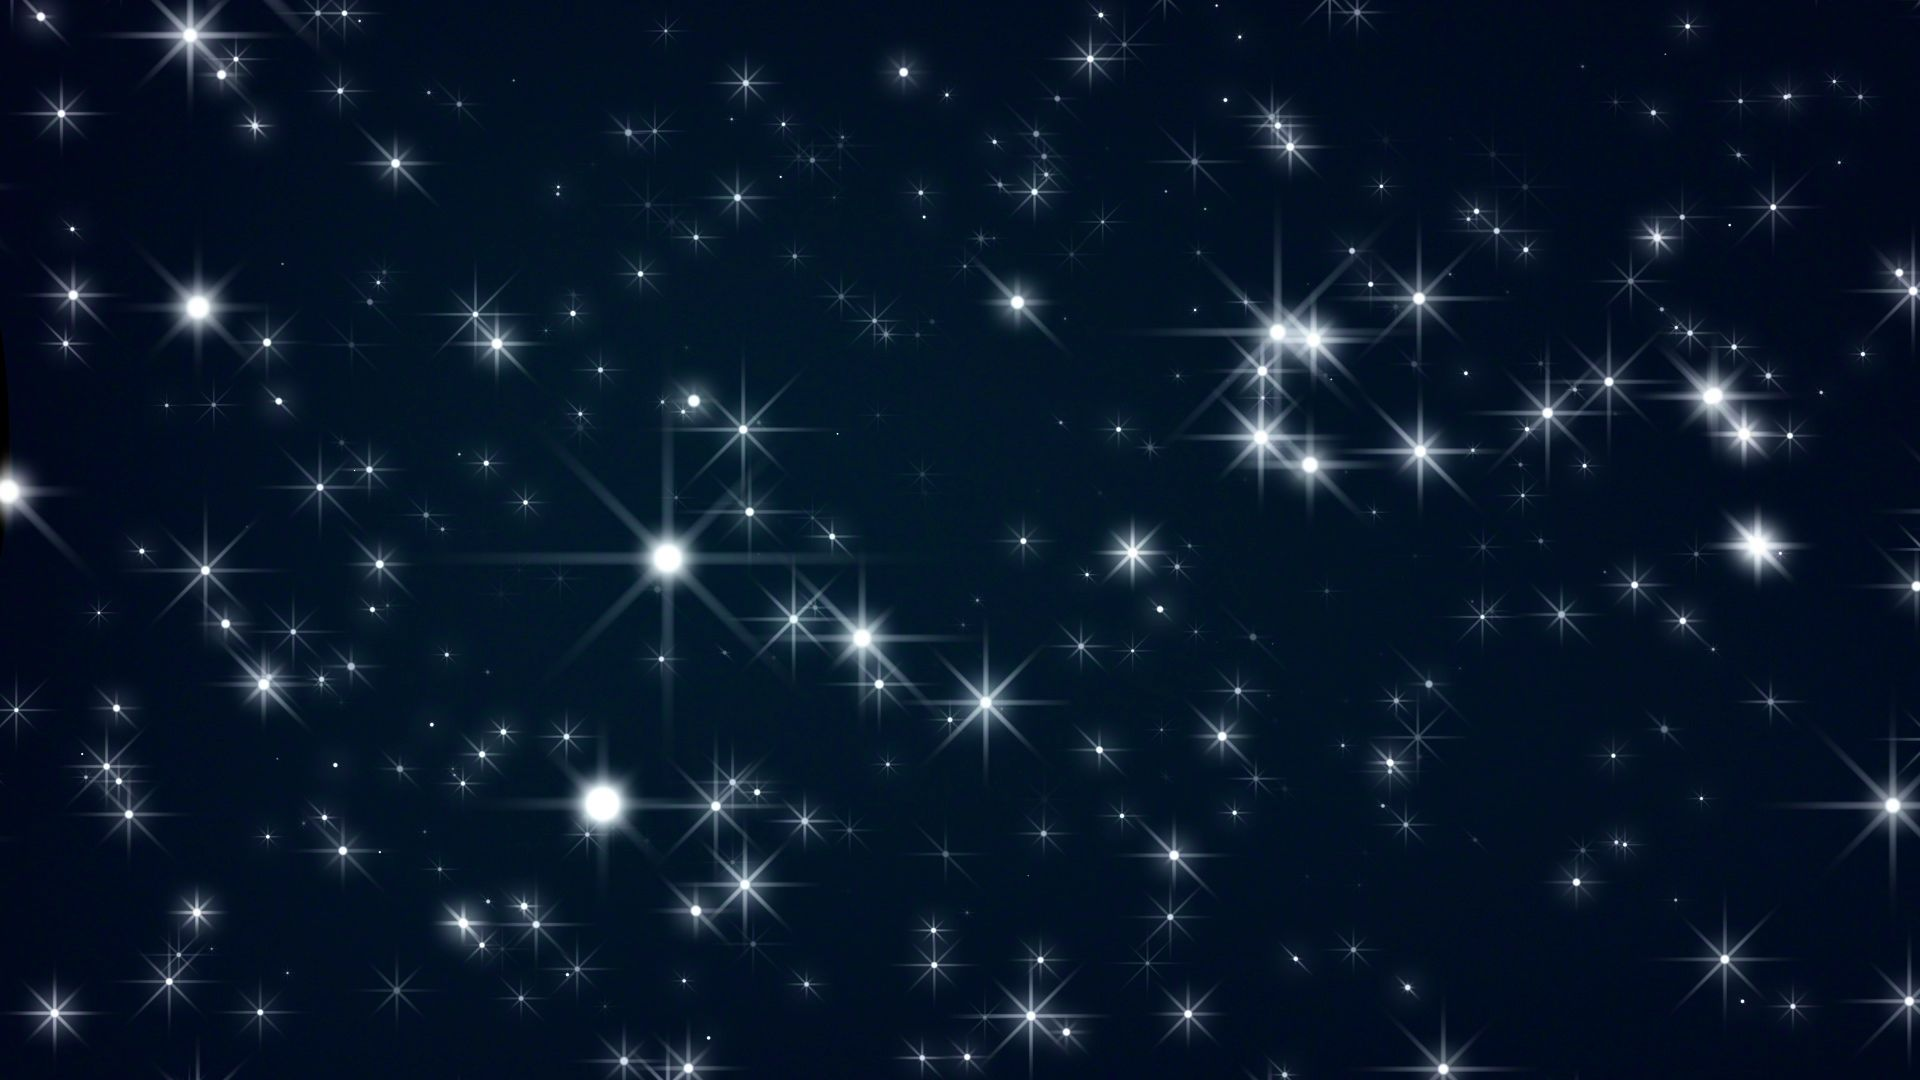 Картинки анимации звезды на небе, рисунки